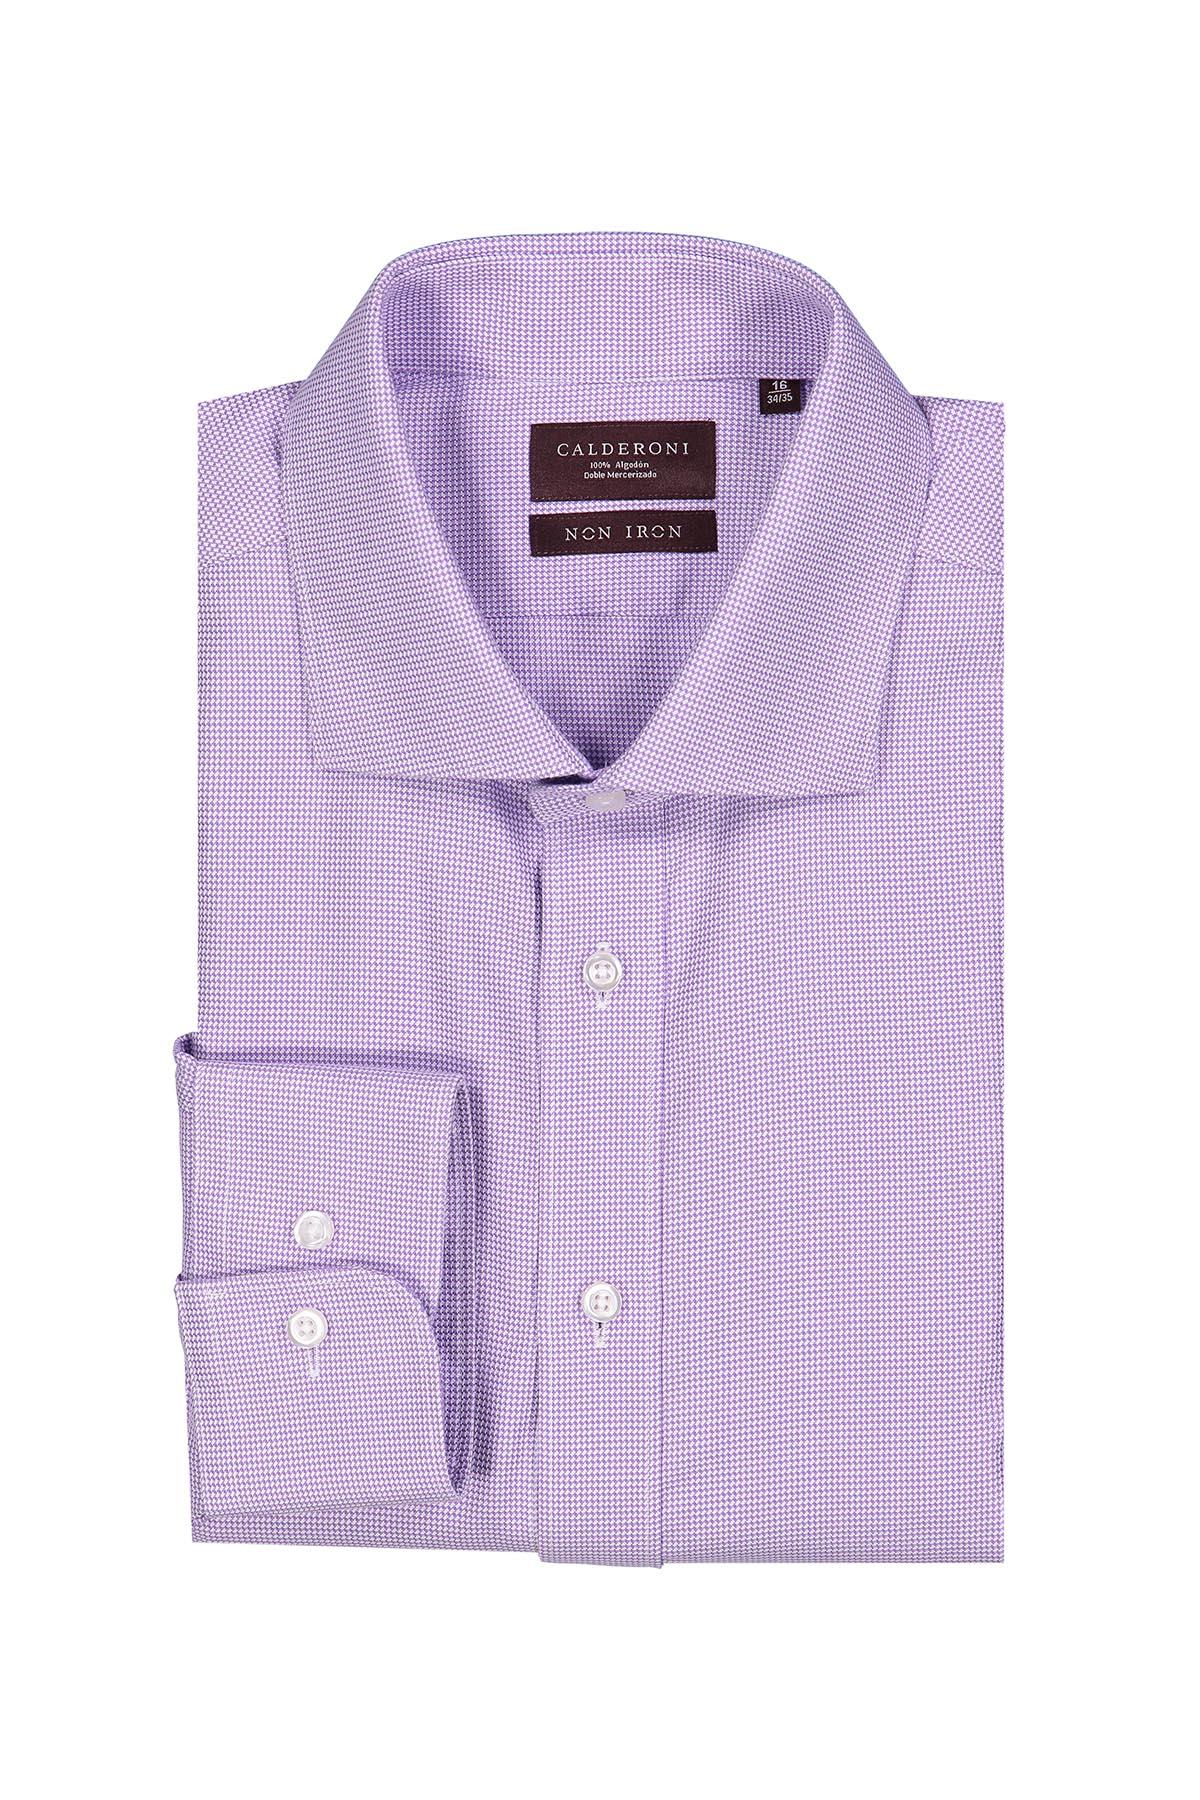 Camisa Calderoni -Non Iron 24/7- micro diseño color morado.